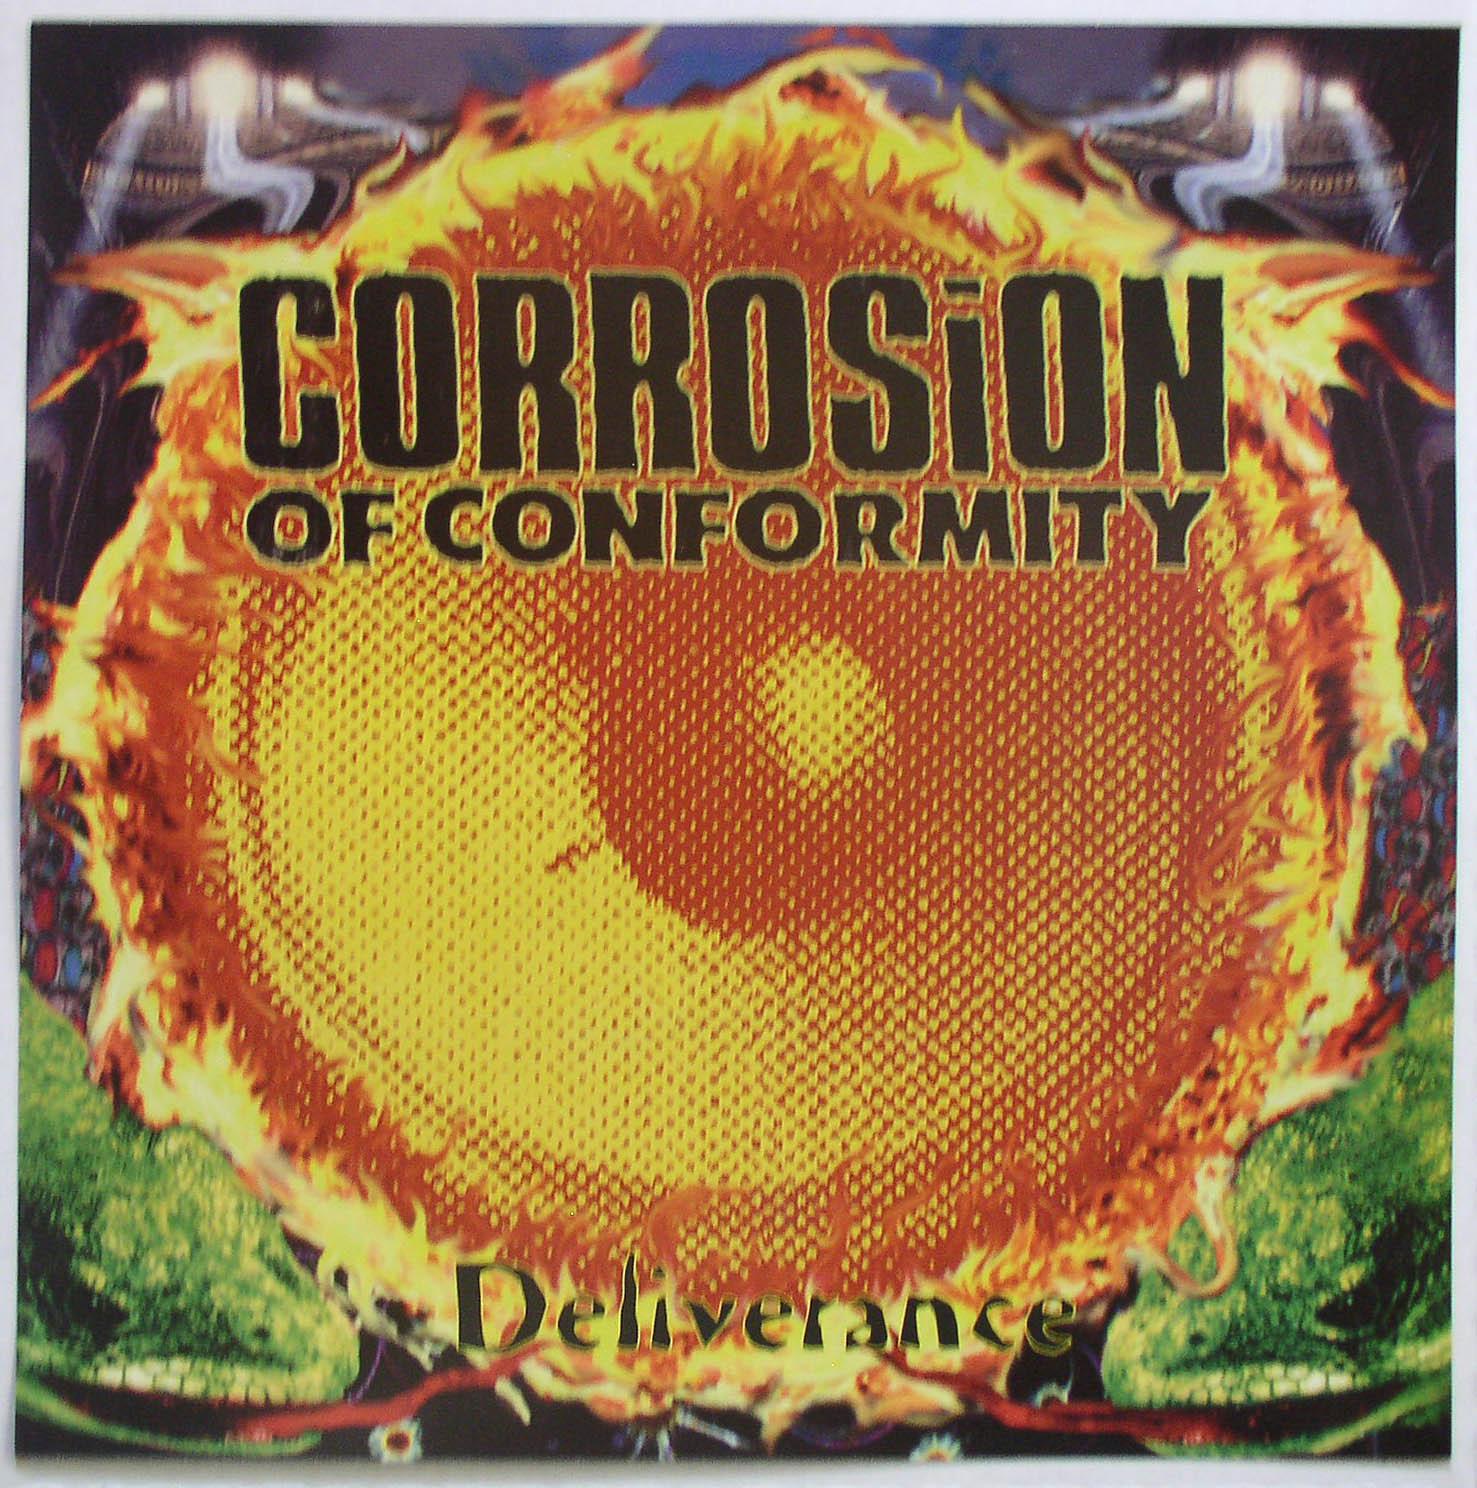 Corrosion Of Conformity Deliverance Single Promo Flat